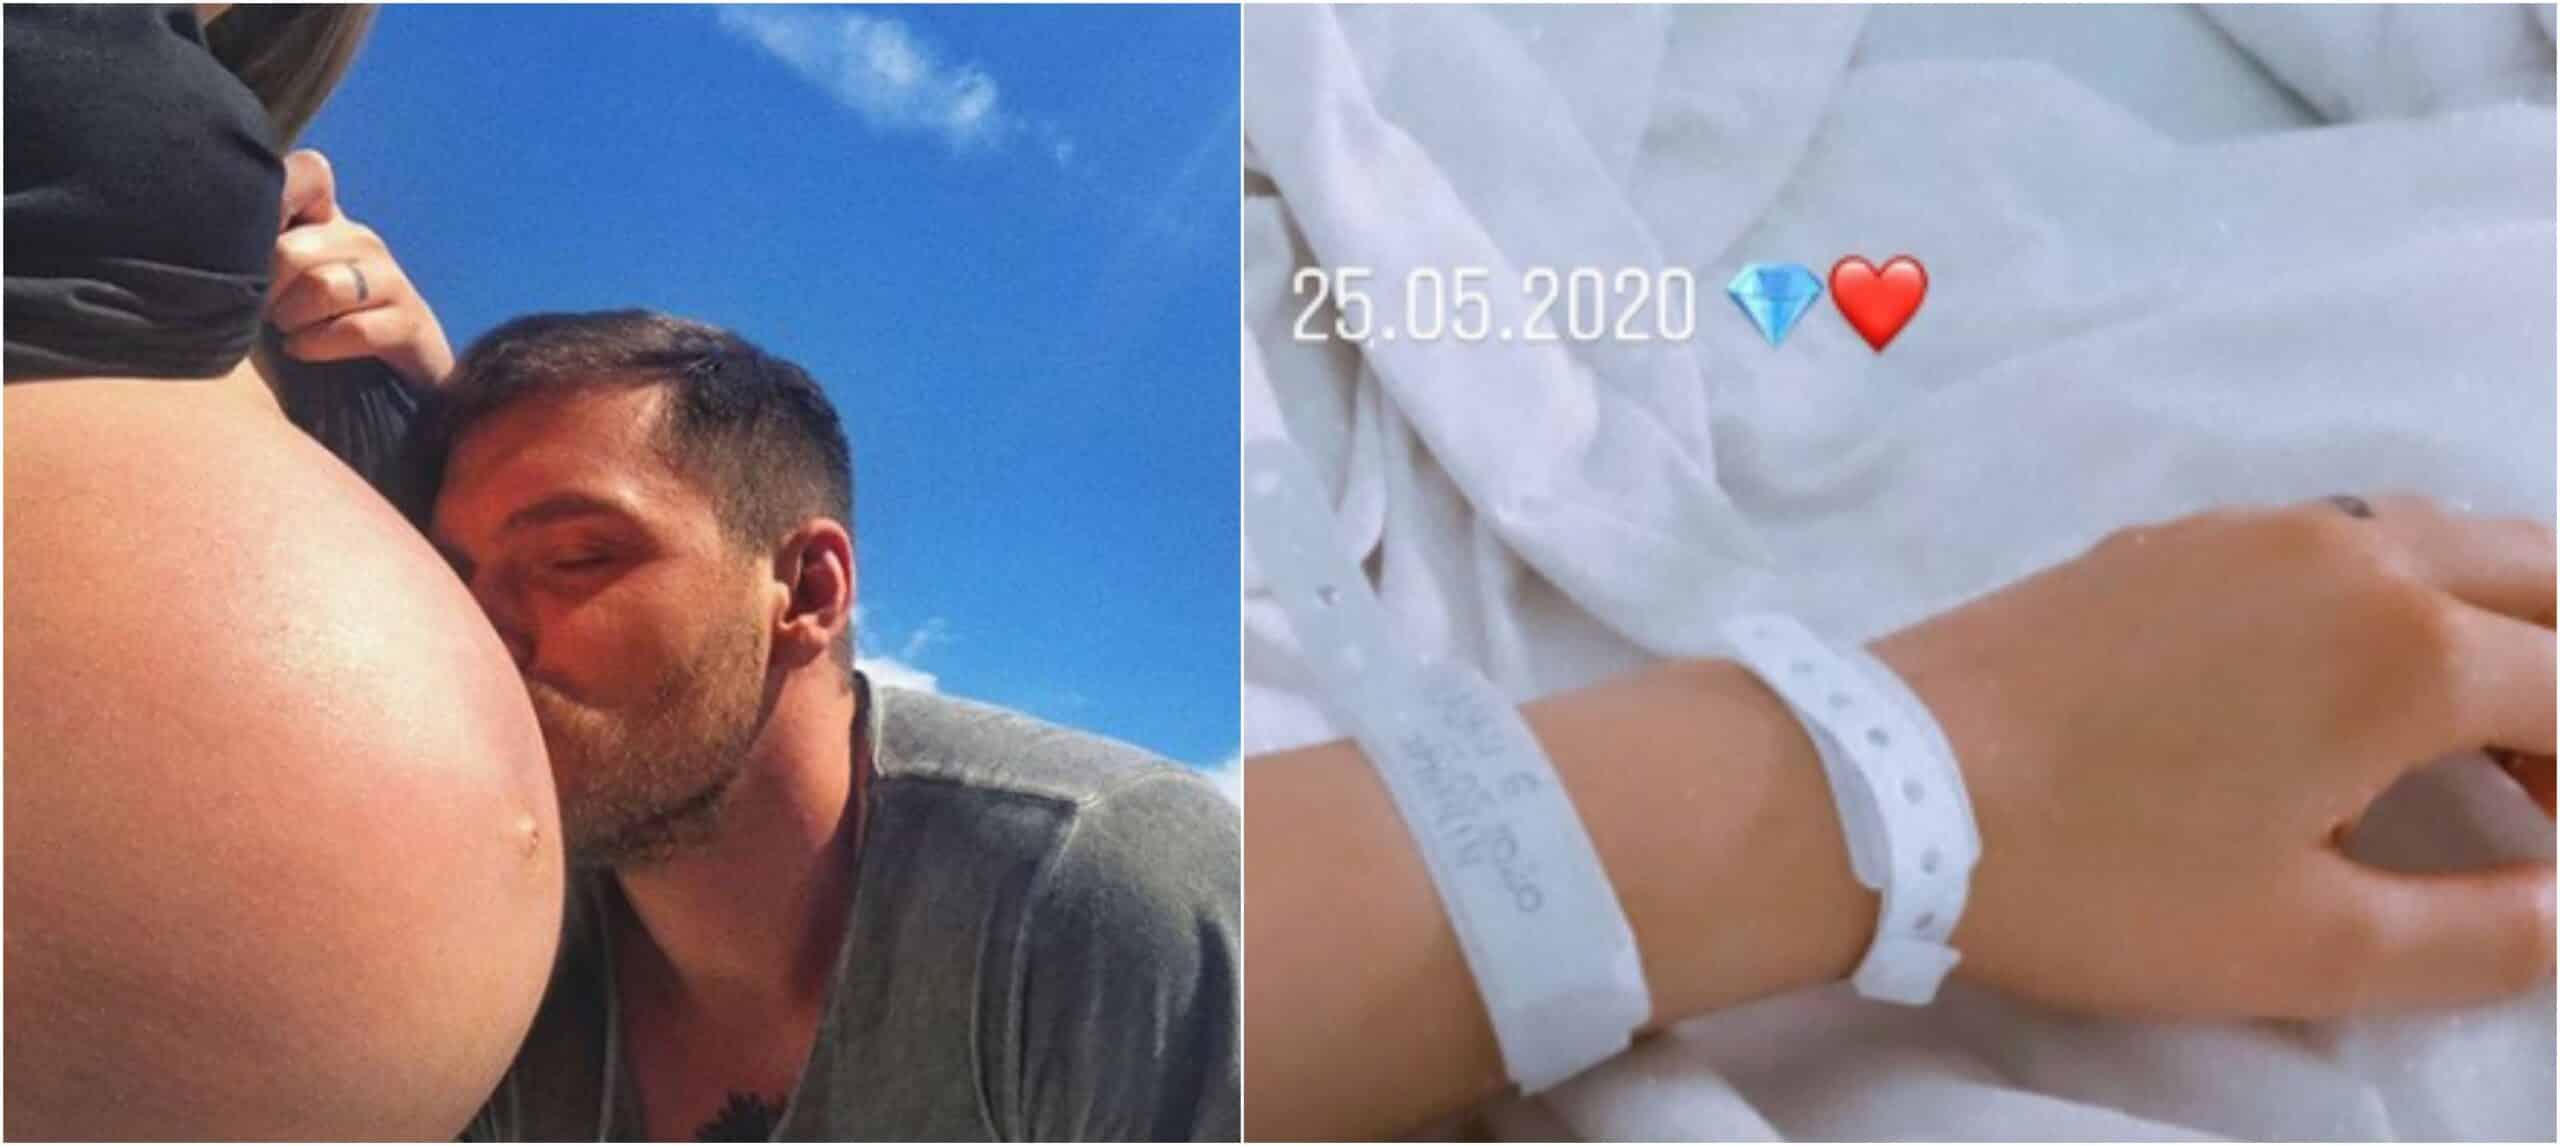 Emoții mari pentru Bogdan Vlădău și Gina Chirilă. Fotomodelul își aduce pe lume fetița | Demamici.ro